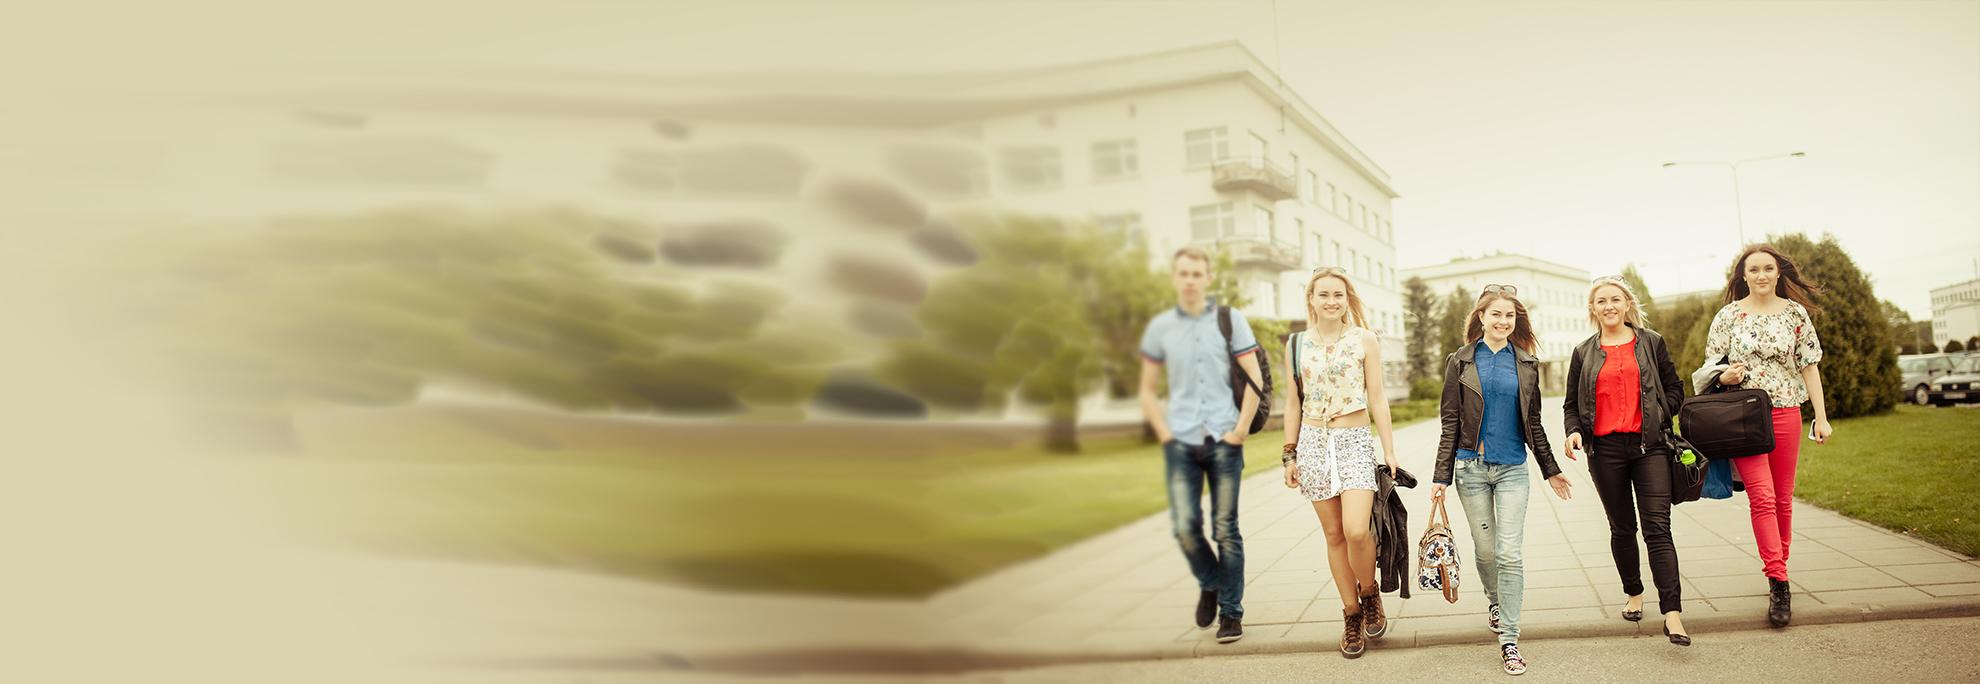 Vienintelis Lietuvoje studentų miestelis